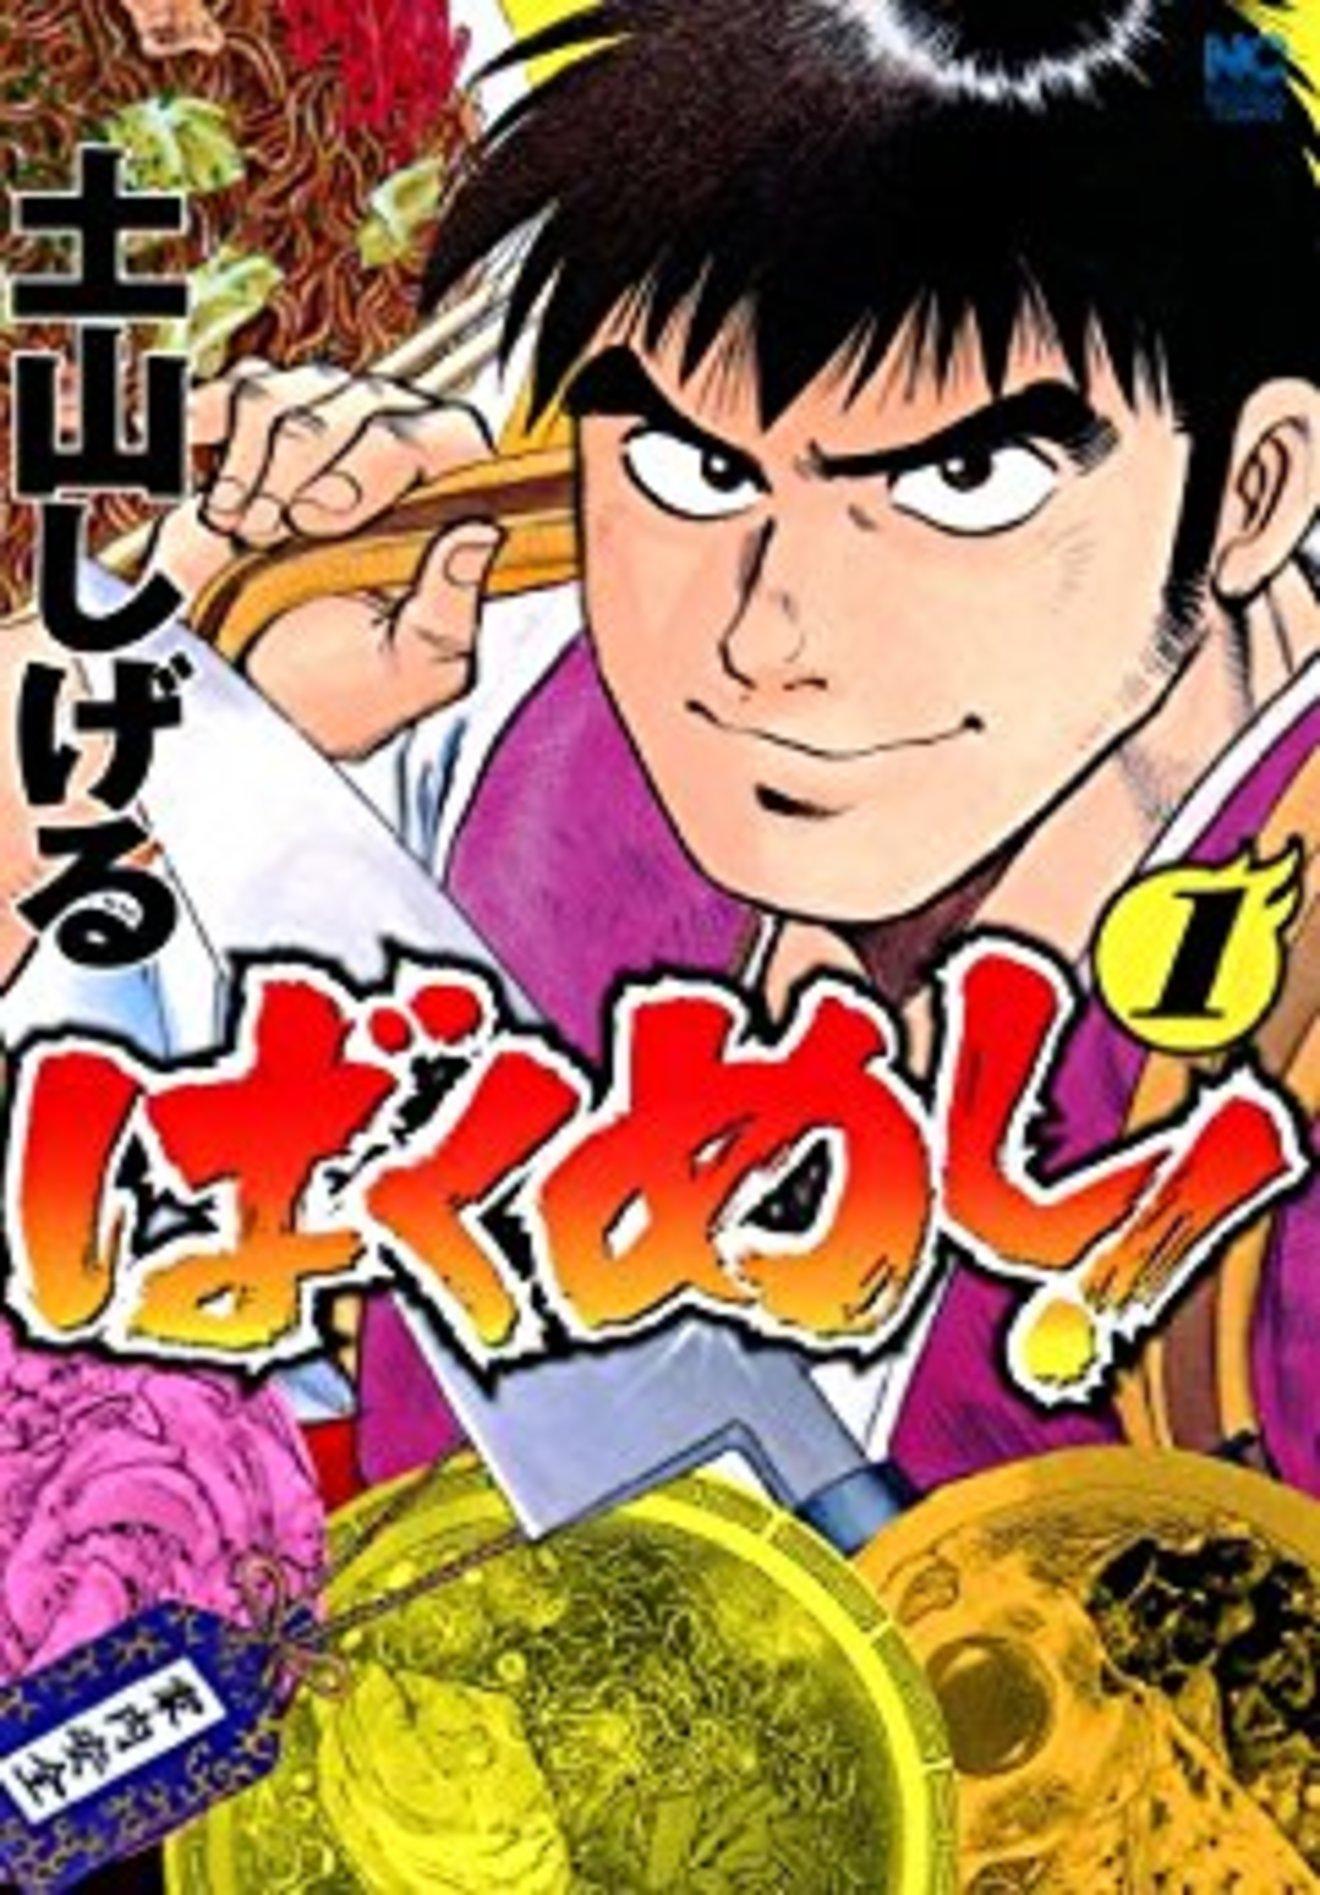 『ばくめし!』全6巻の見所をネタバレ紹介!ツッコミ必至!